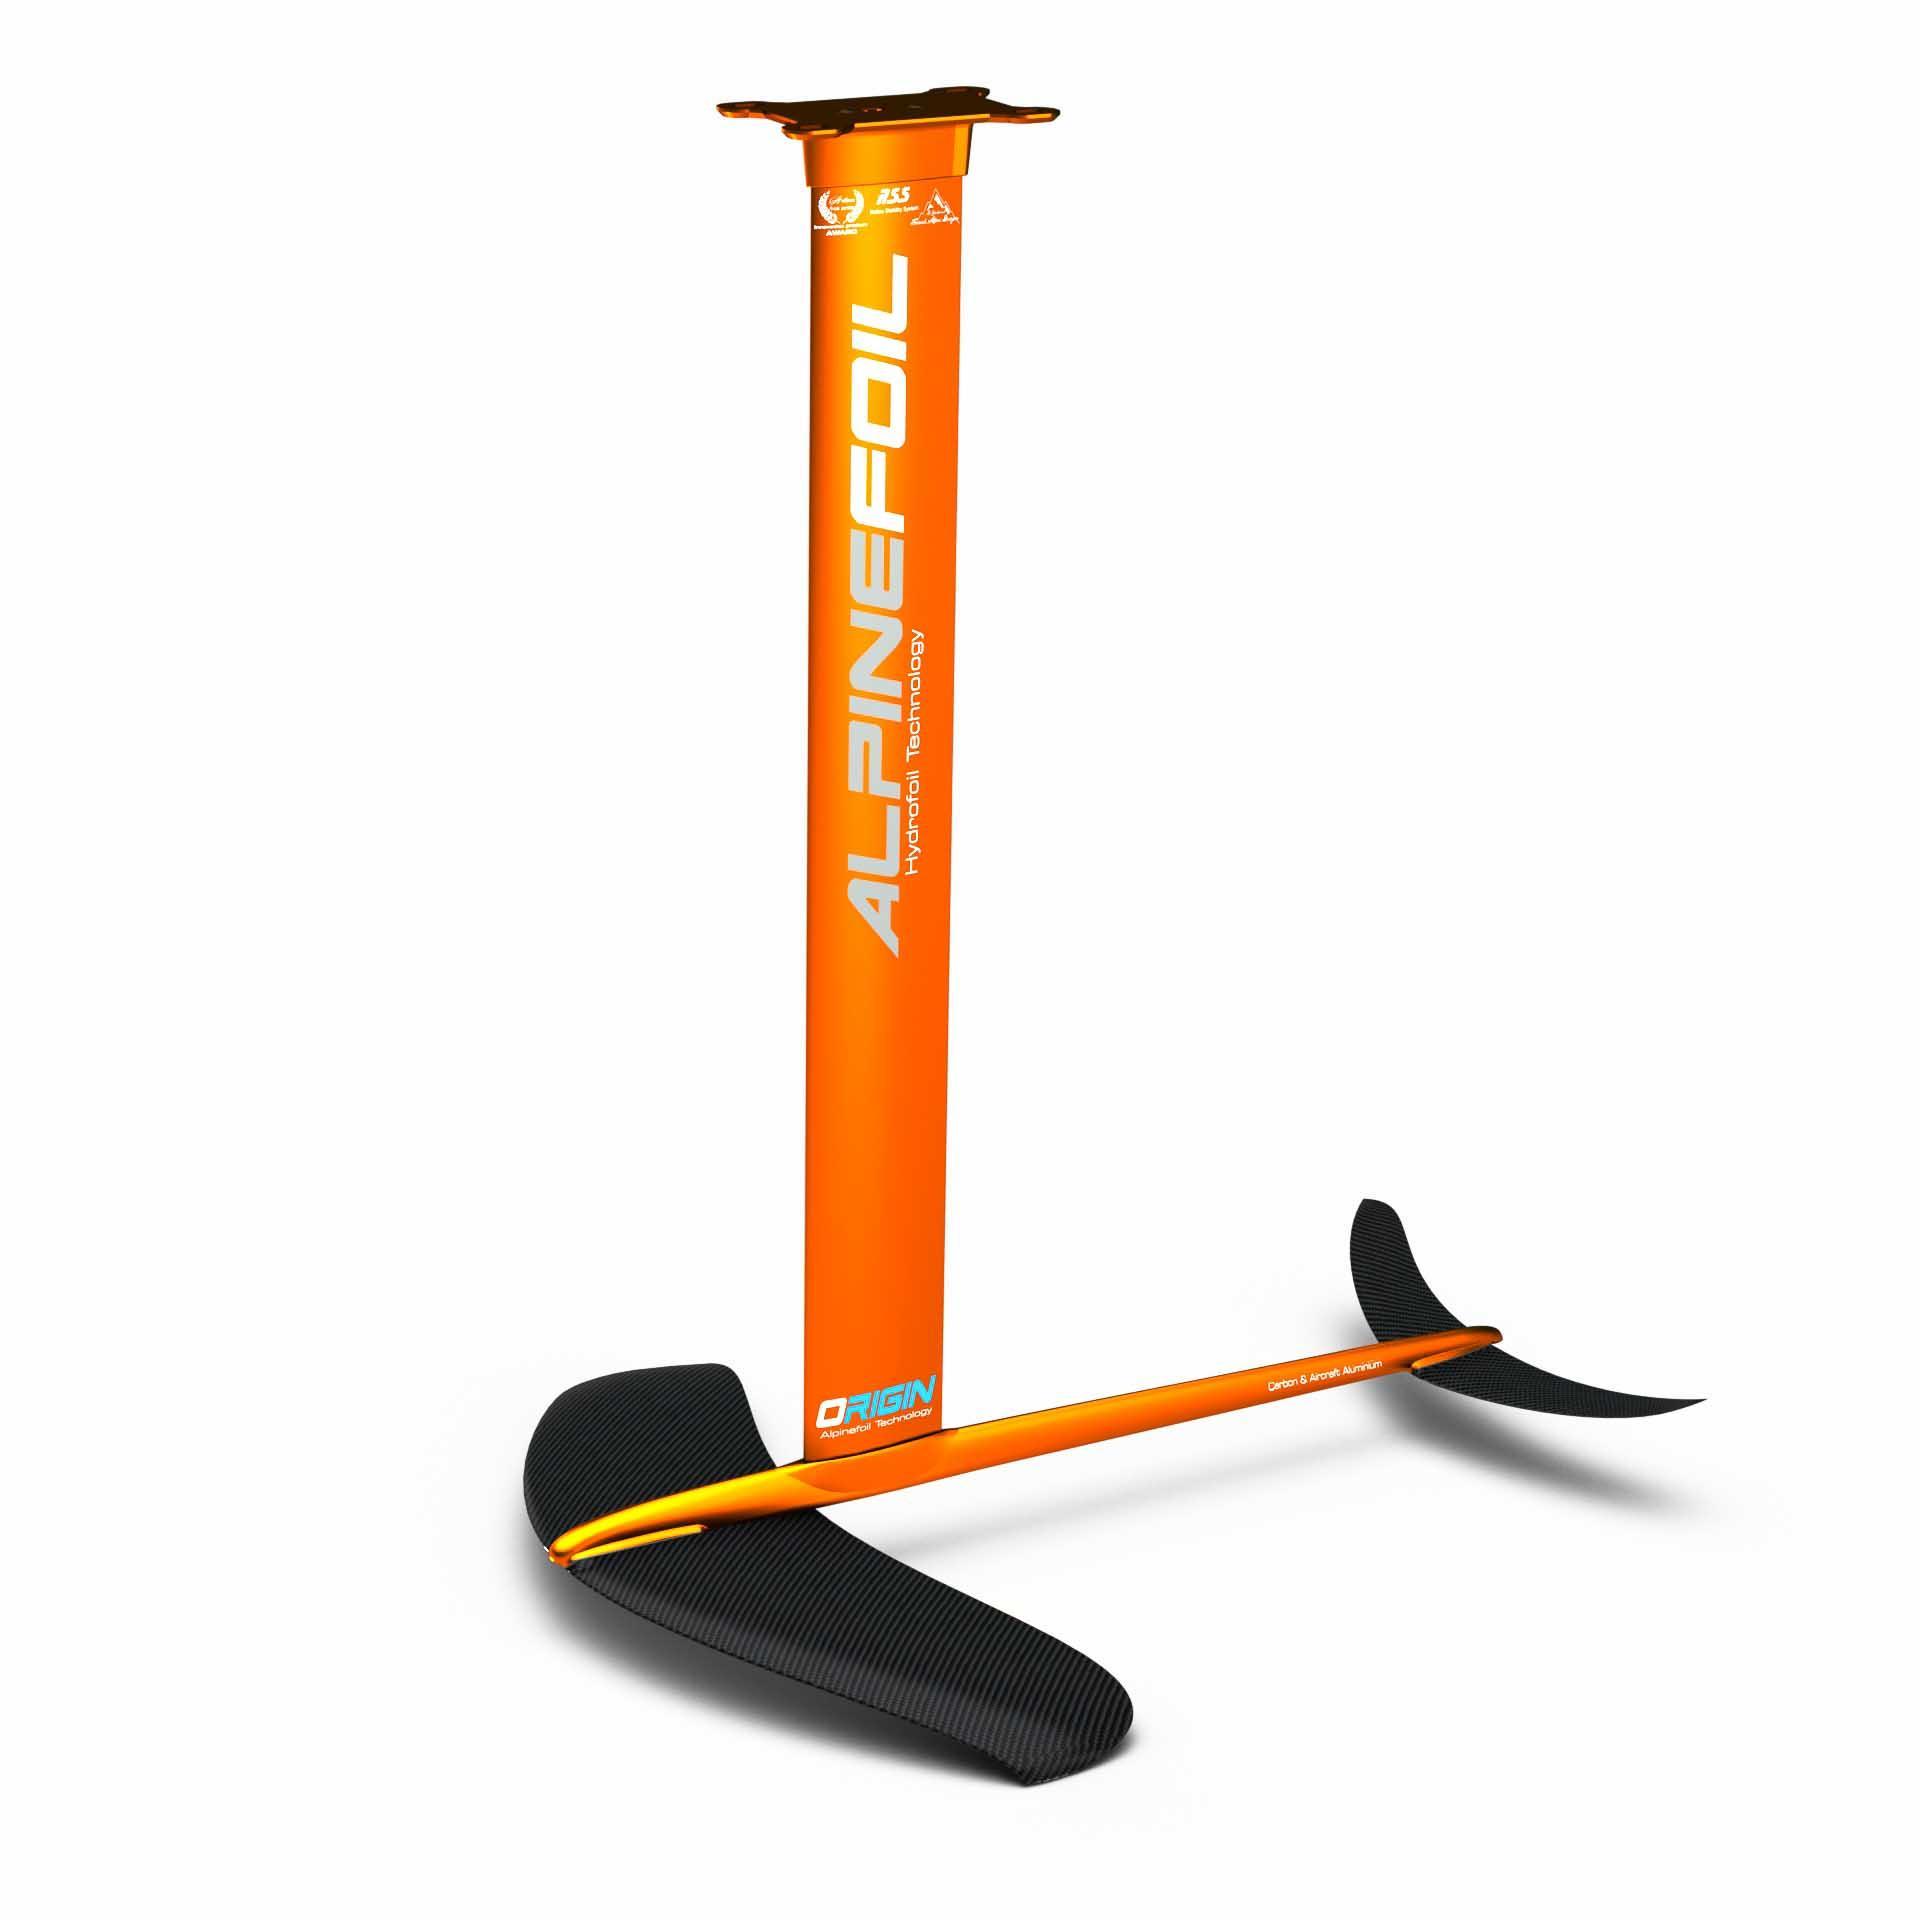 Kitefoil alpinefoil origin 18